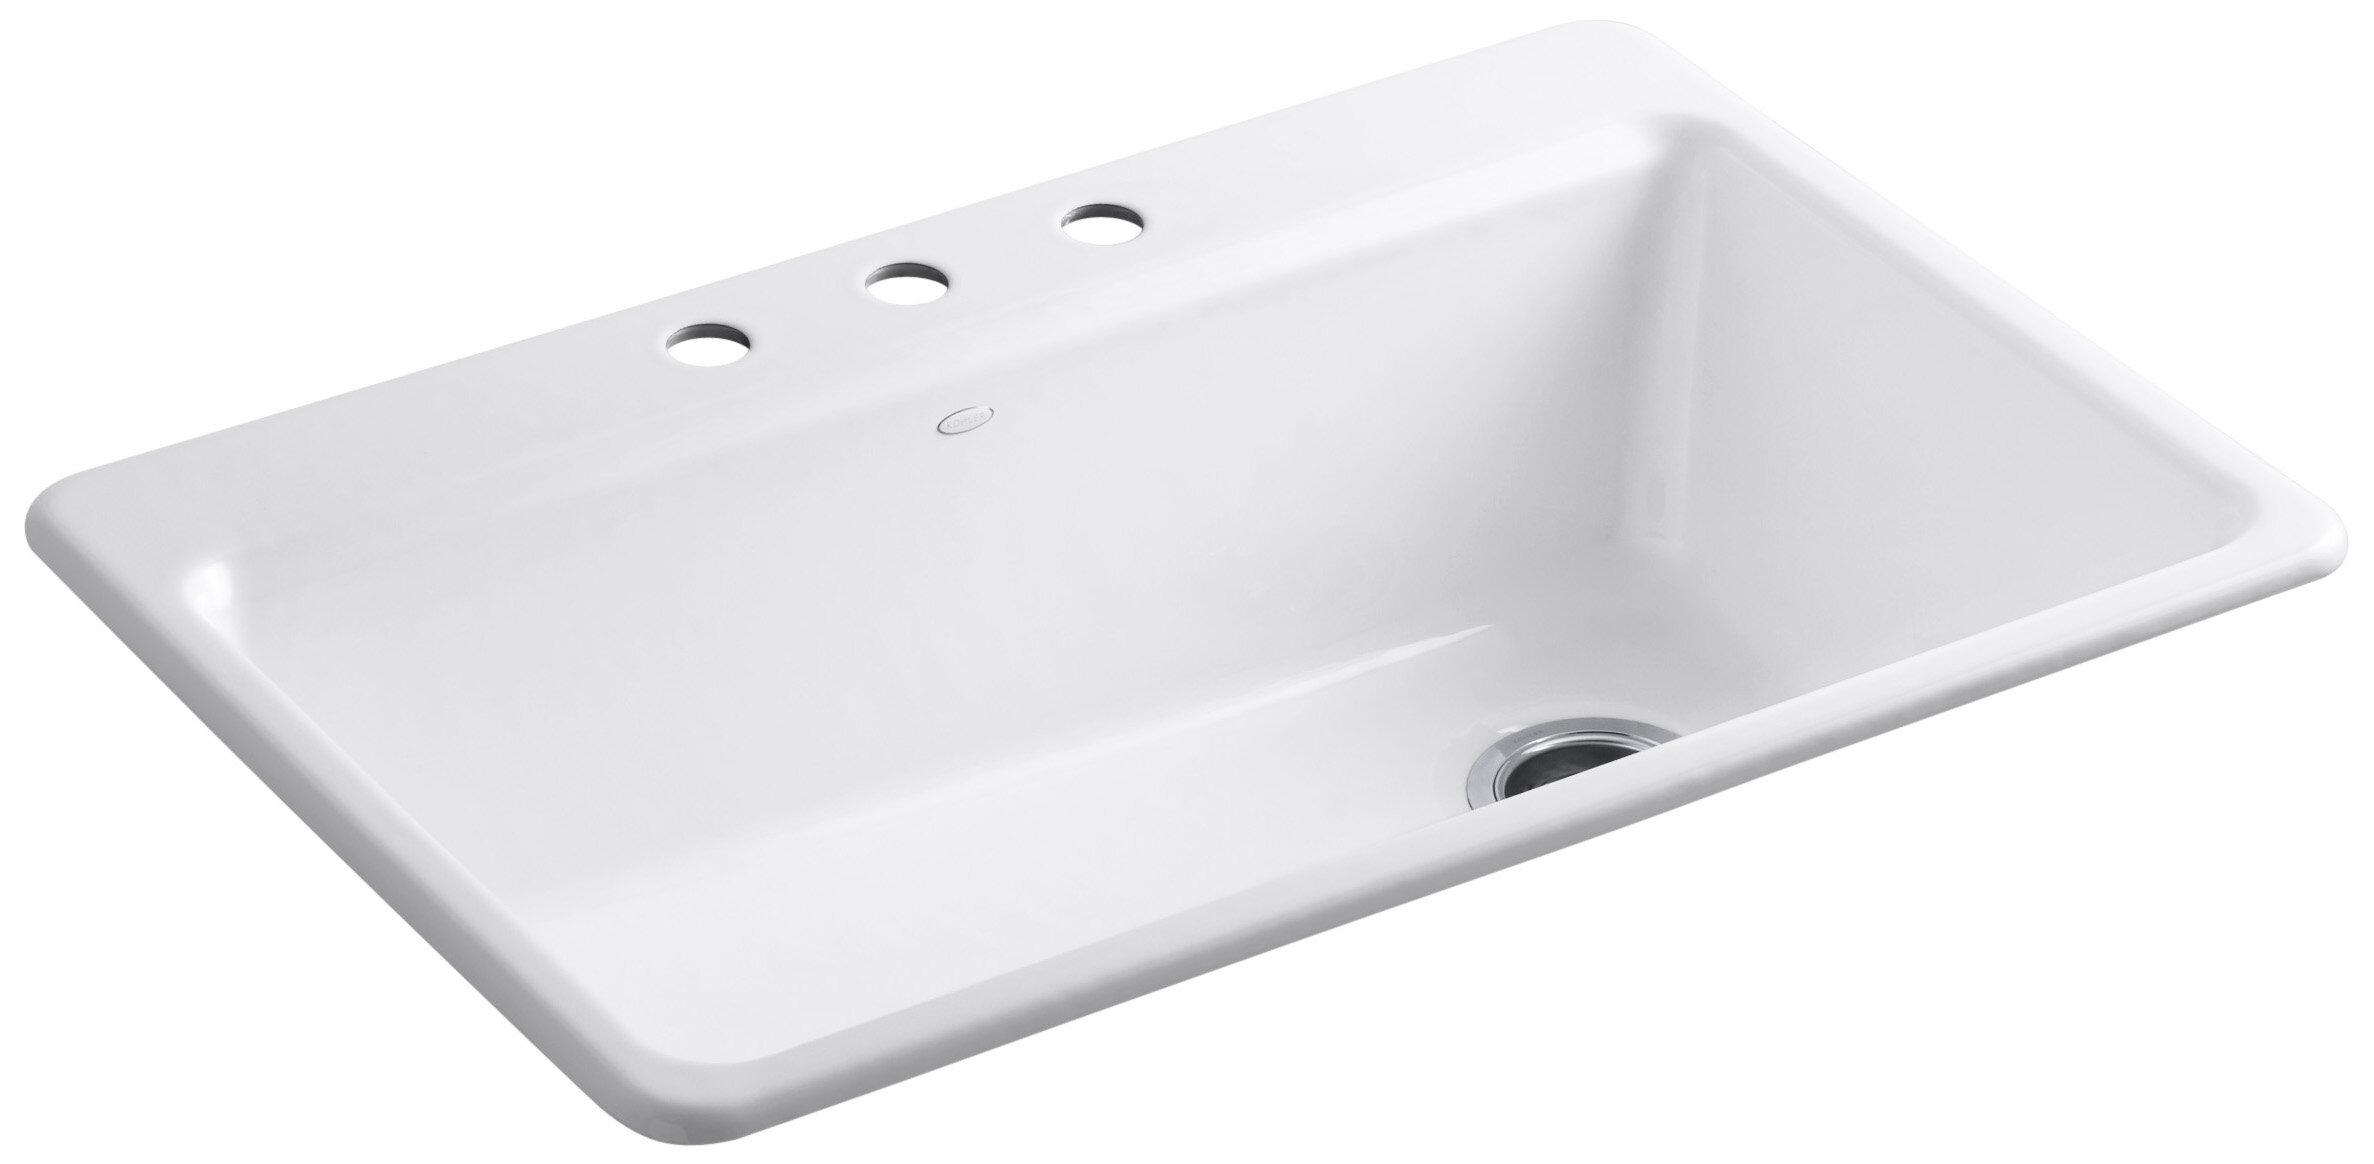 Kohler Riverby 33 X 22 X 9 5 8 Top Mount Single Bowl Kitchen Sink